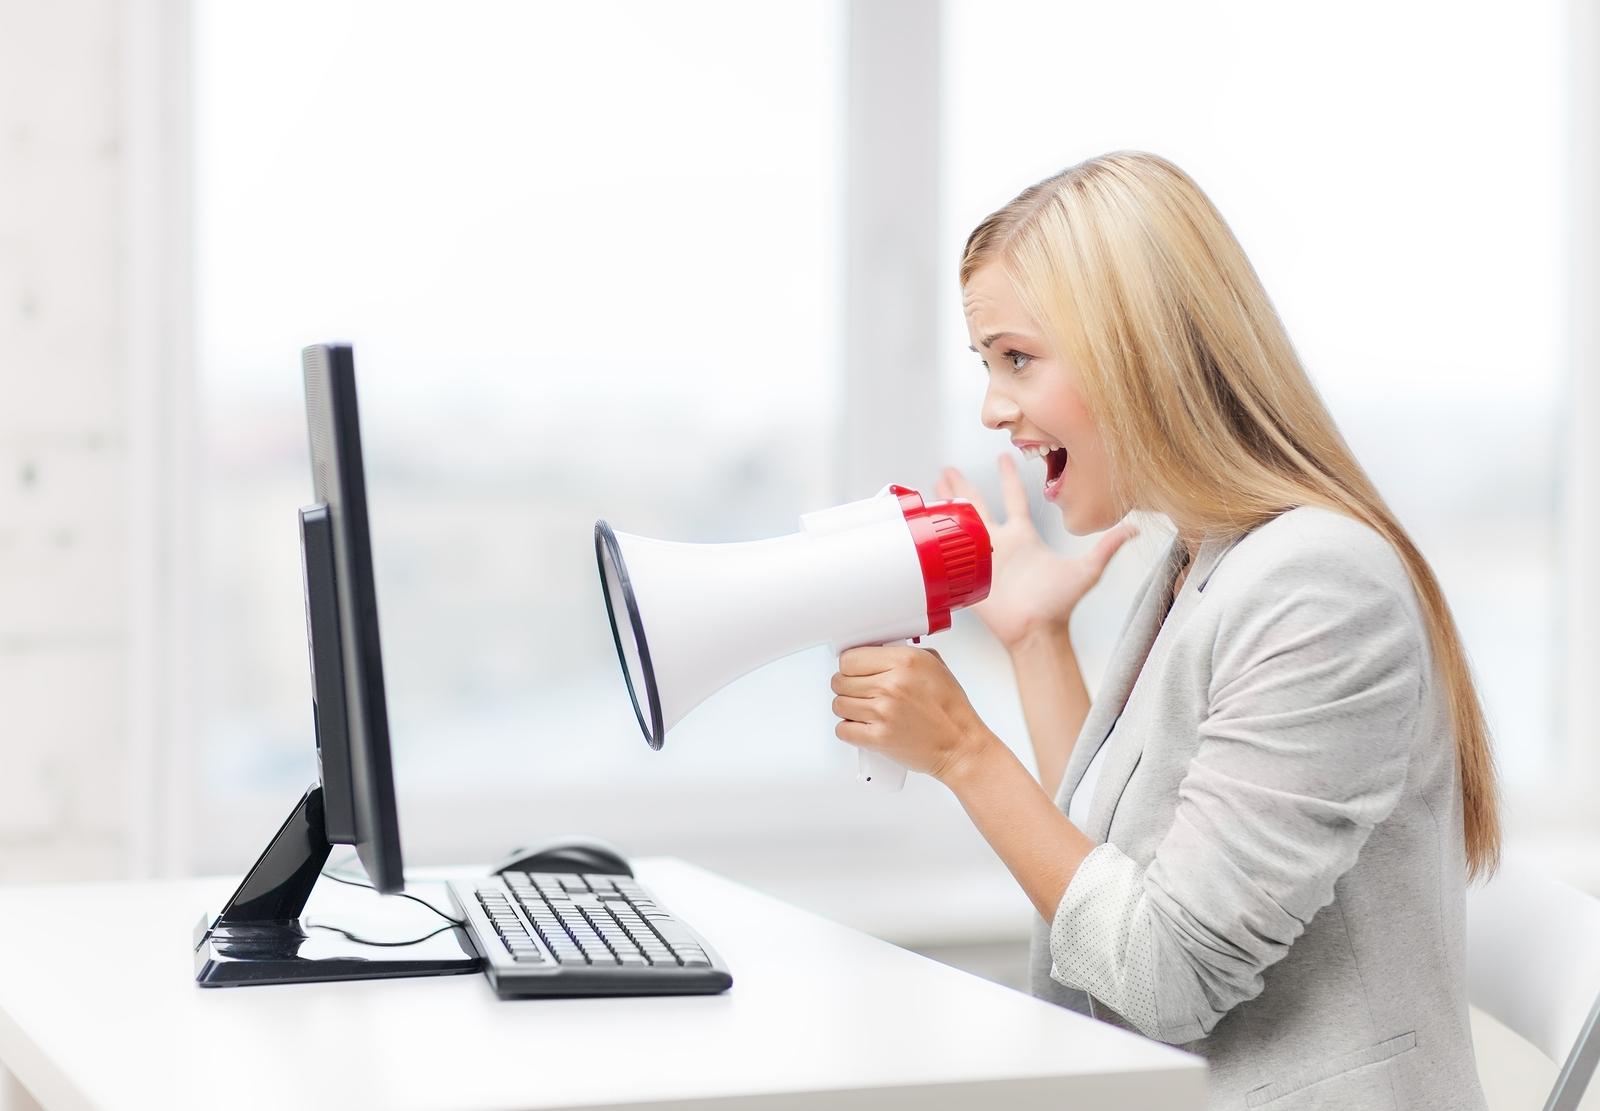 Мнение: почему PR-агентство — лучший вариант для продвижения бренда в соцсетях